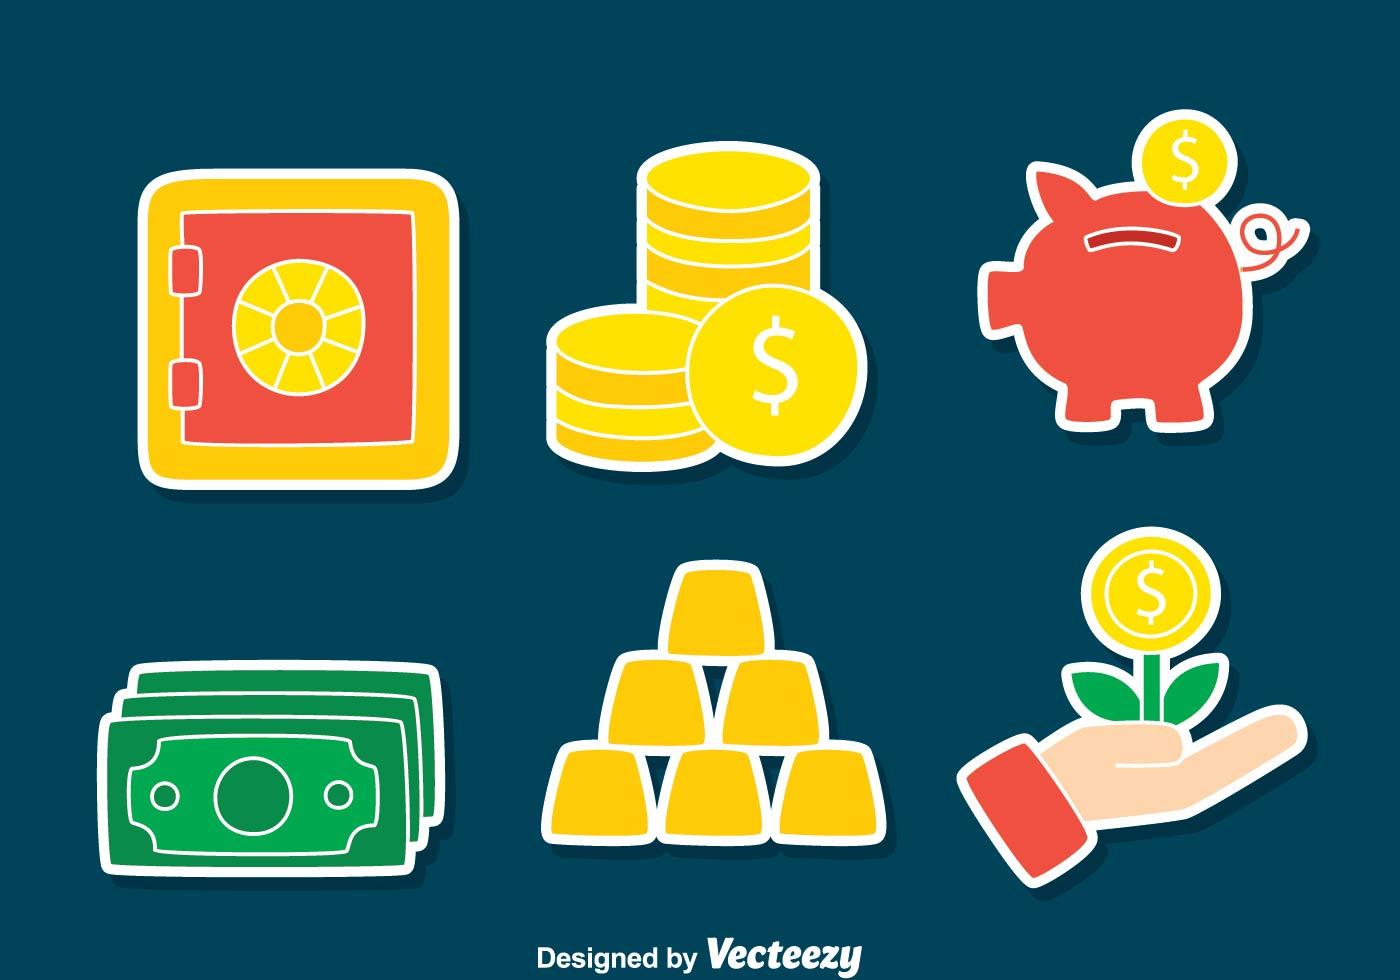 Saving Money Element Vector Download Free Vector Art